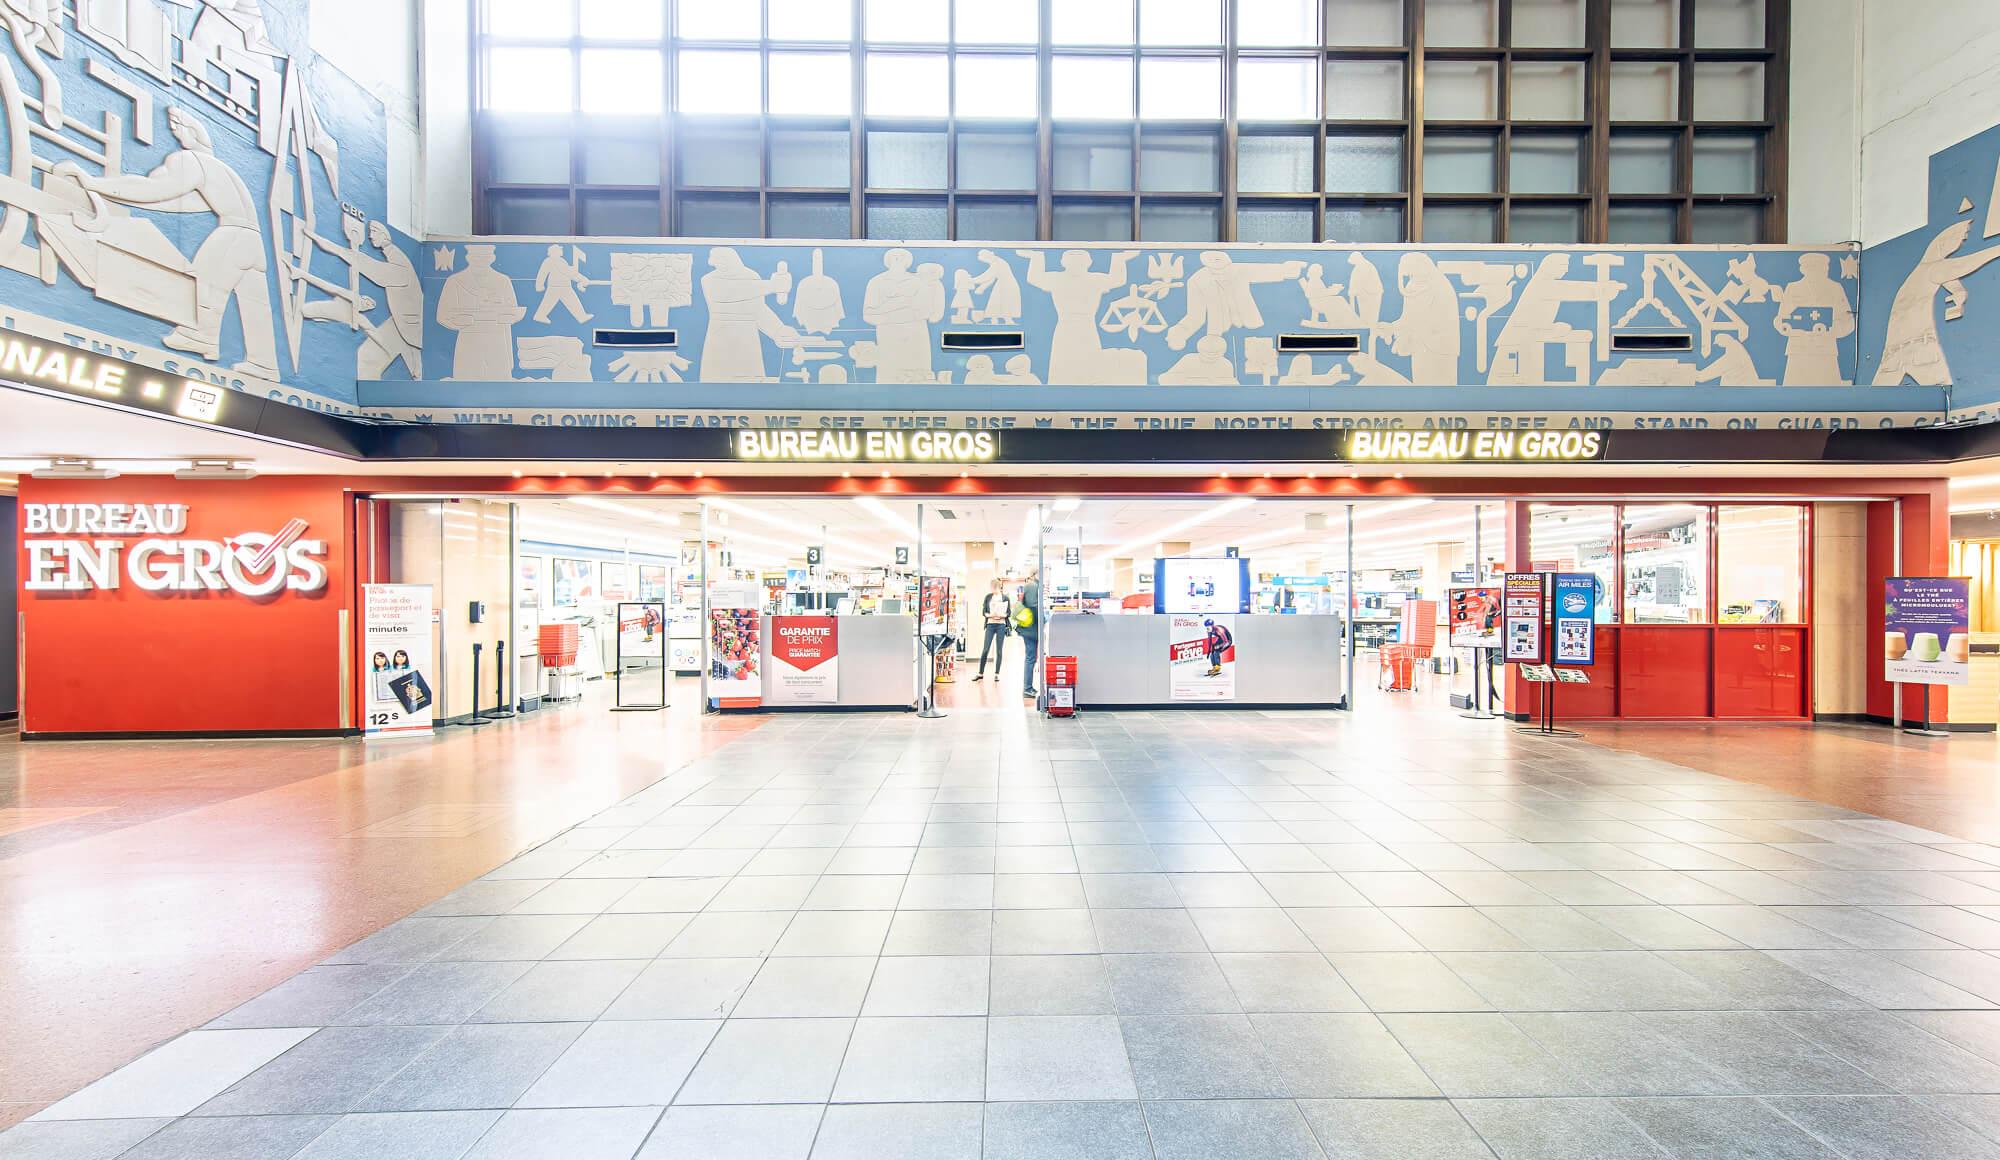 Montreal central station halles de lau gare centrale de montréal